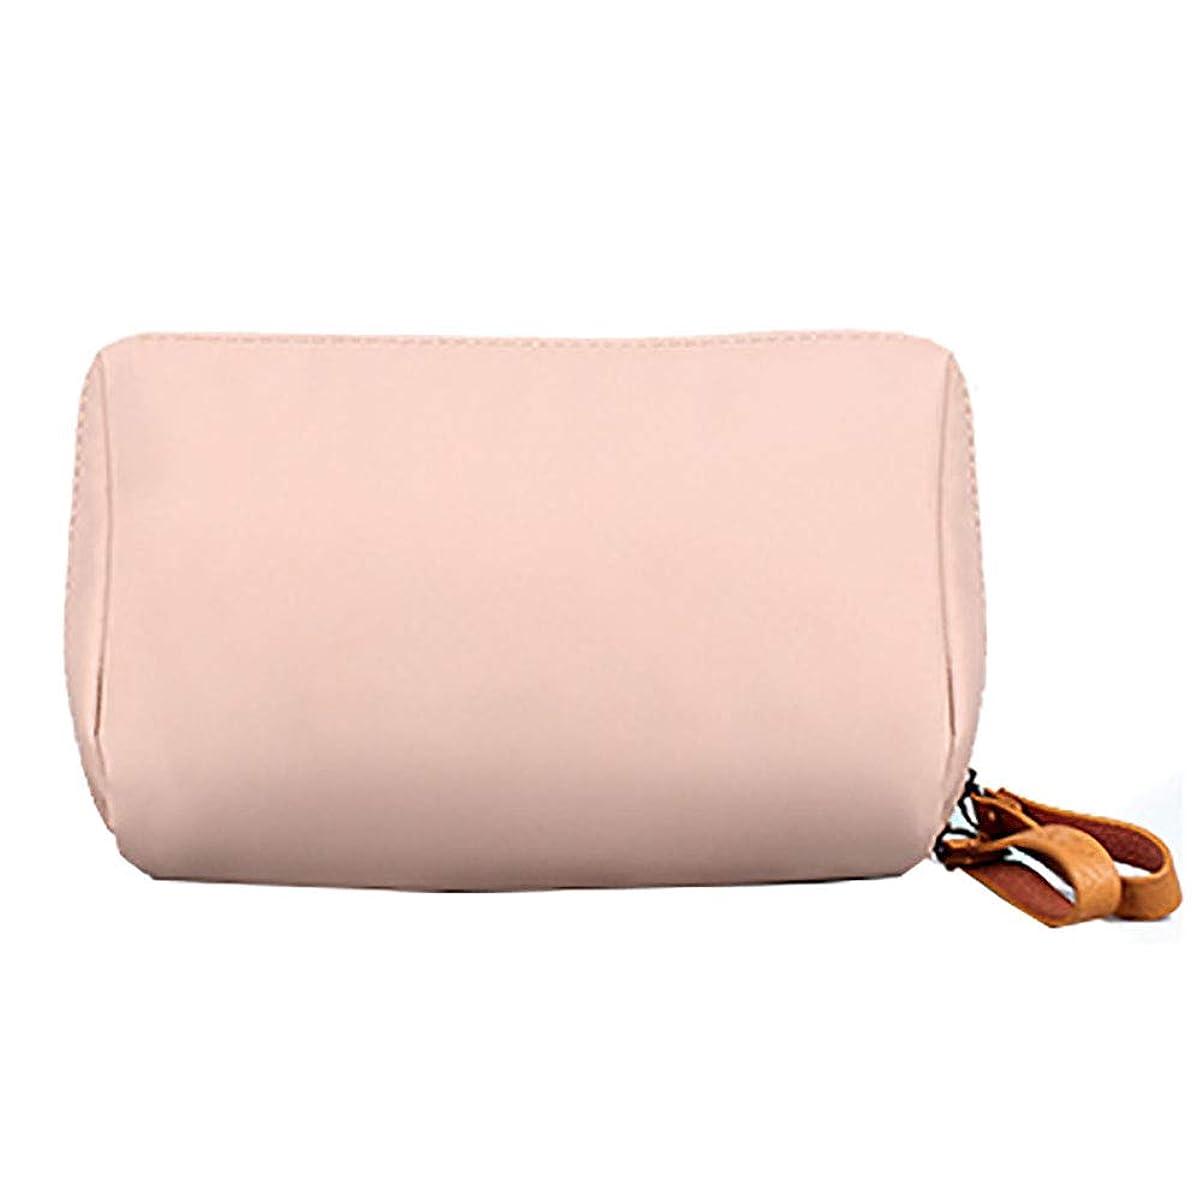 子孫硫黄姓化粧品のバッグのポータブルシンプルな多機能の学生の化粧品のバッグの女性の旅行防水かわいい口紅のストレージ小さな四角い袋のピンク26 * 6 * 10CM